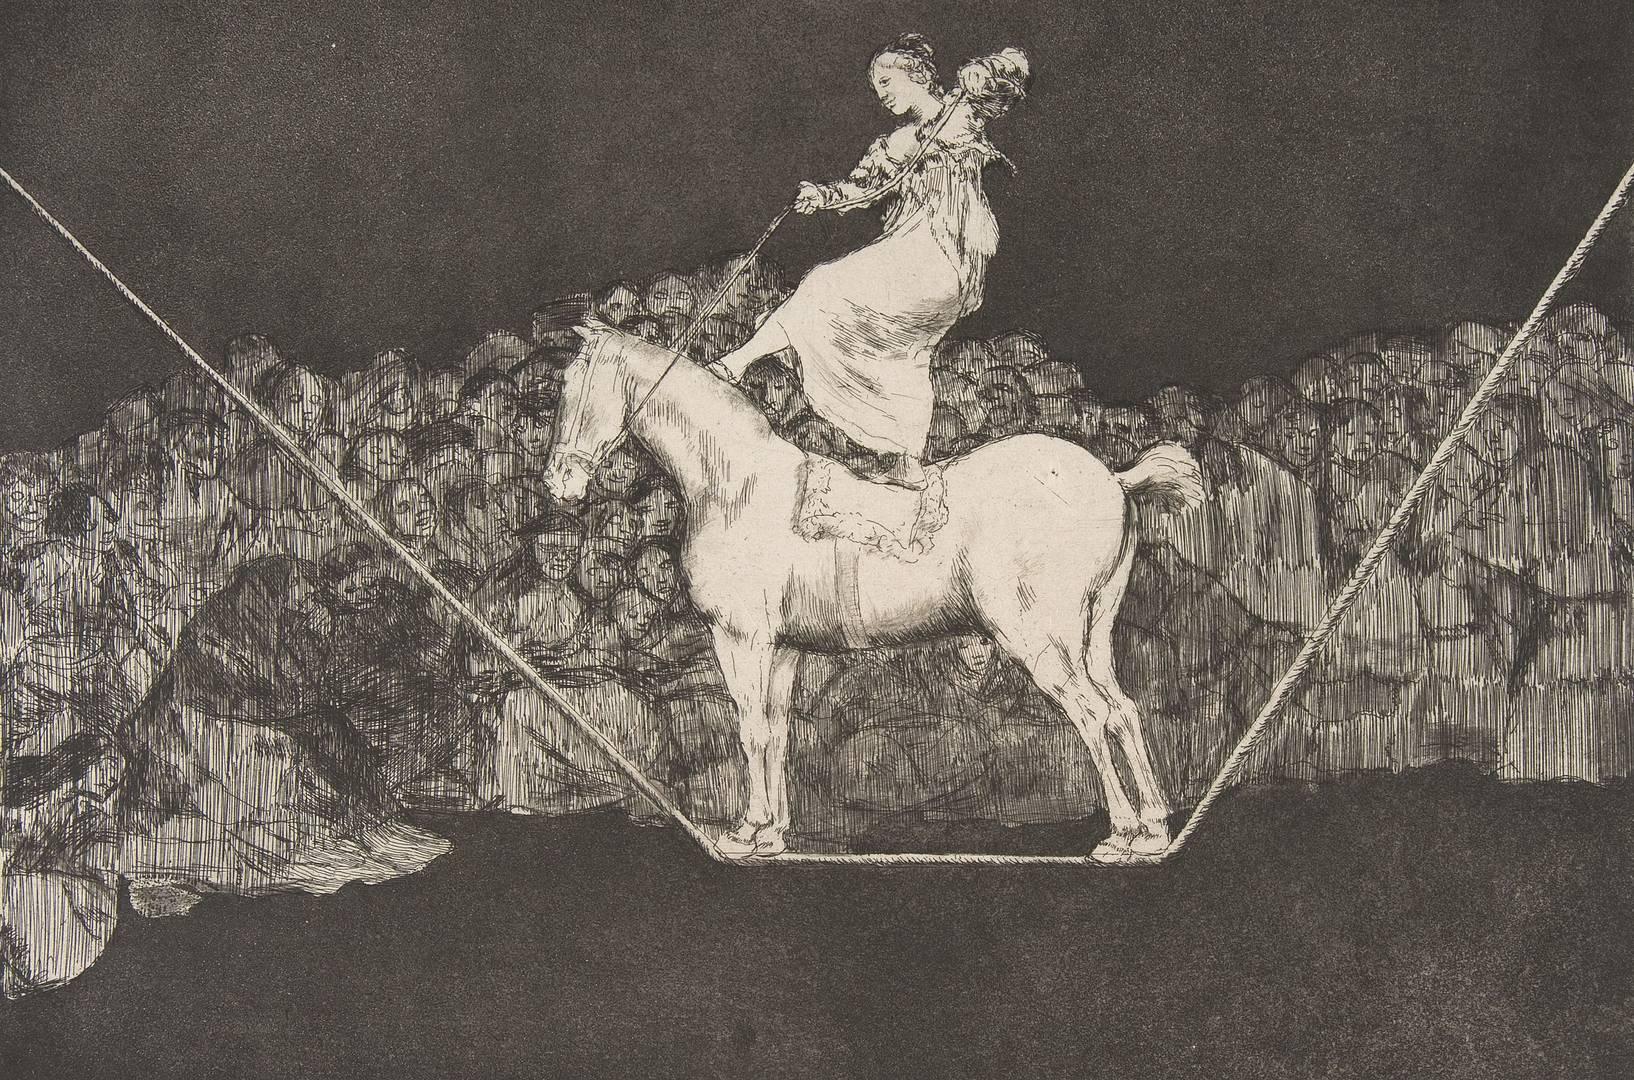 Франсиско Гойя. Серия «Диспаратес (Глупости)». Точная глупость. Ок. 1816–1823